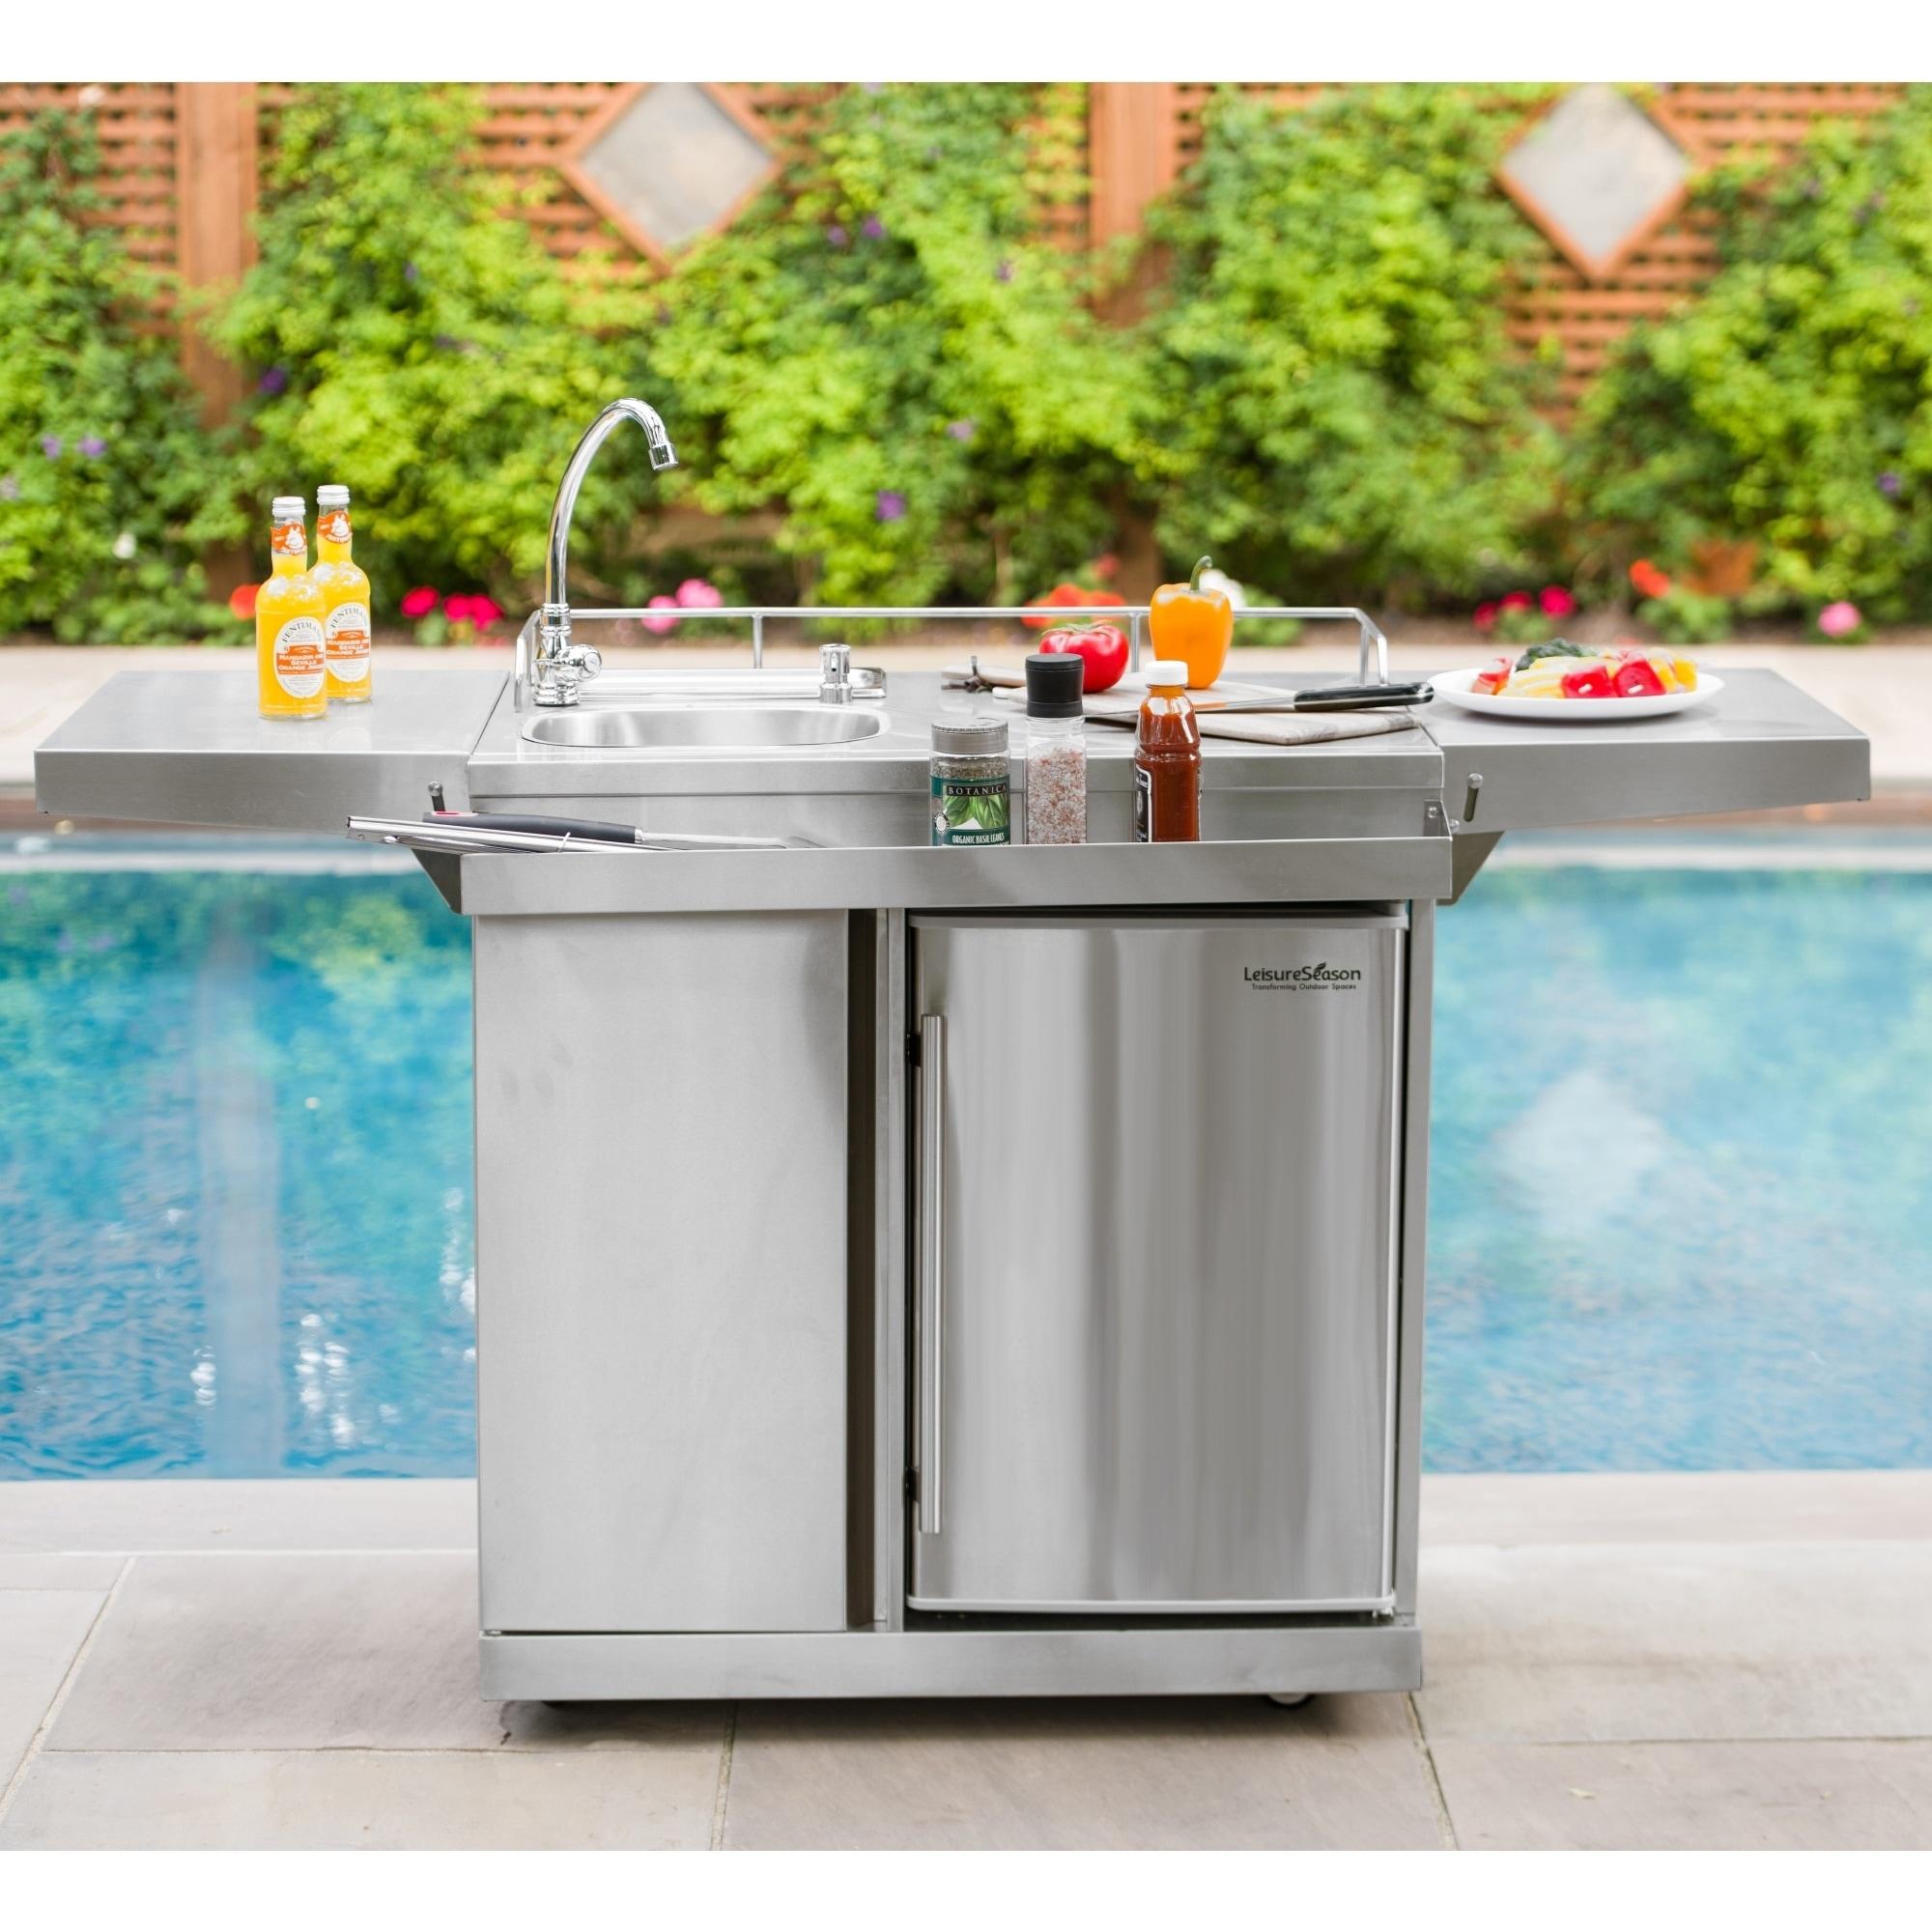 Outdoor Kitchen Cart & Beverage Center With Fridge & Sink